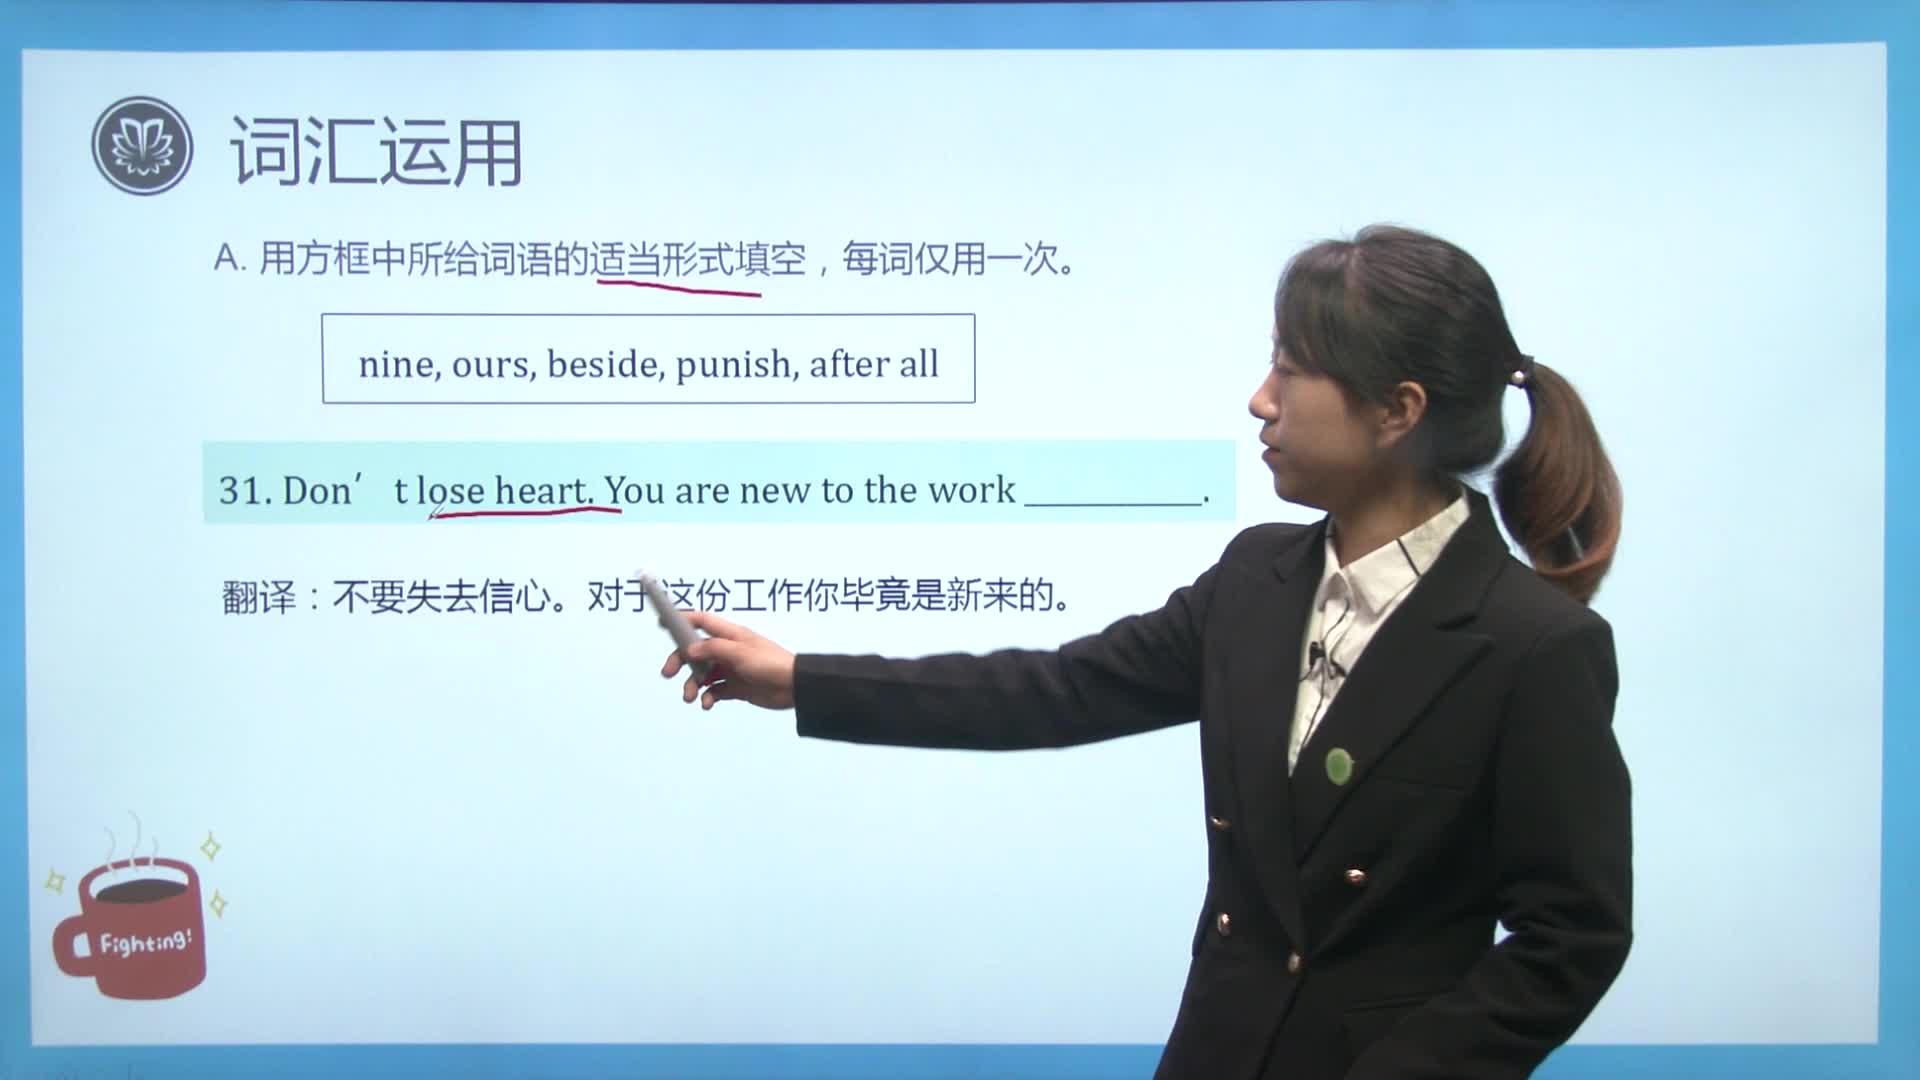 视频2 2019嘉兴中考英语试卷解析—词汇运用和语法填空-【慕联】2019年嘉兴市中考英语试卷解析